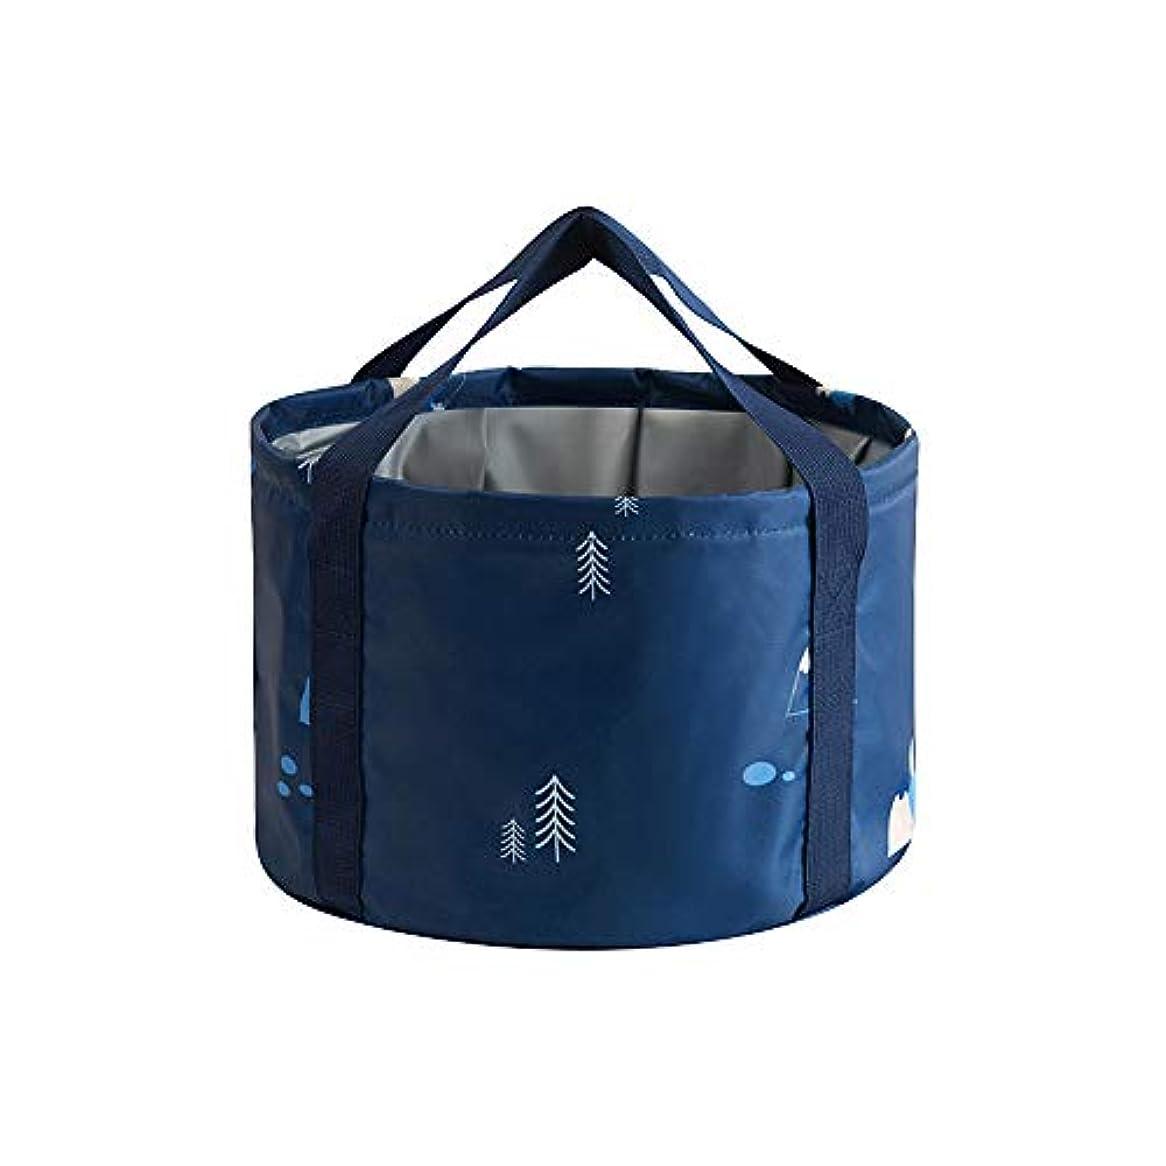 どこでも礼拝報奨金Xueliee 旅行用フットバッグ、フットウォッシュバケツ、折りたたみ式、洗濯槽、屋外用ウォーターバッグ、水貯蔵、収納バッグ、洗面台、ポータブル、大 (35 x 26cm,5色)